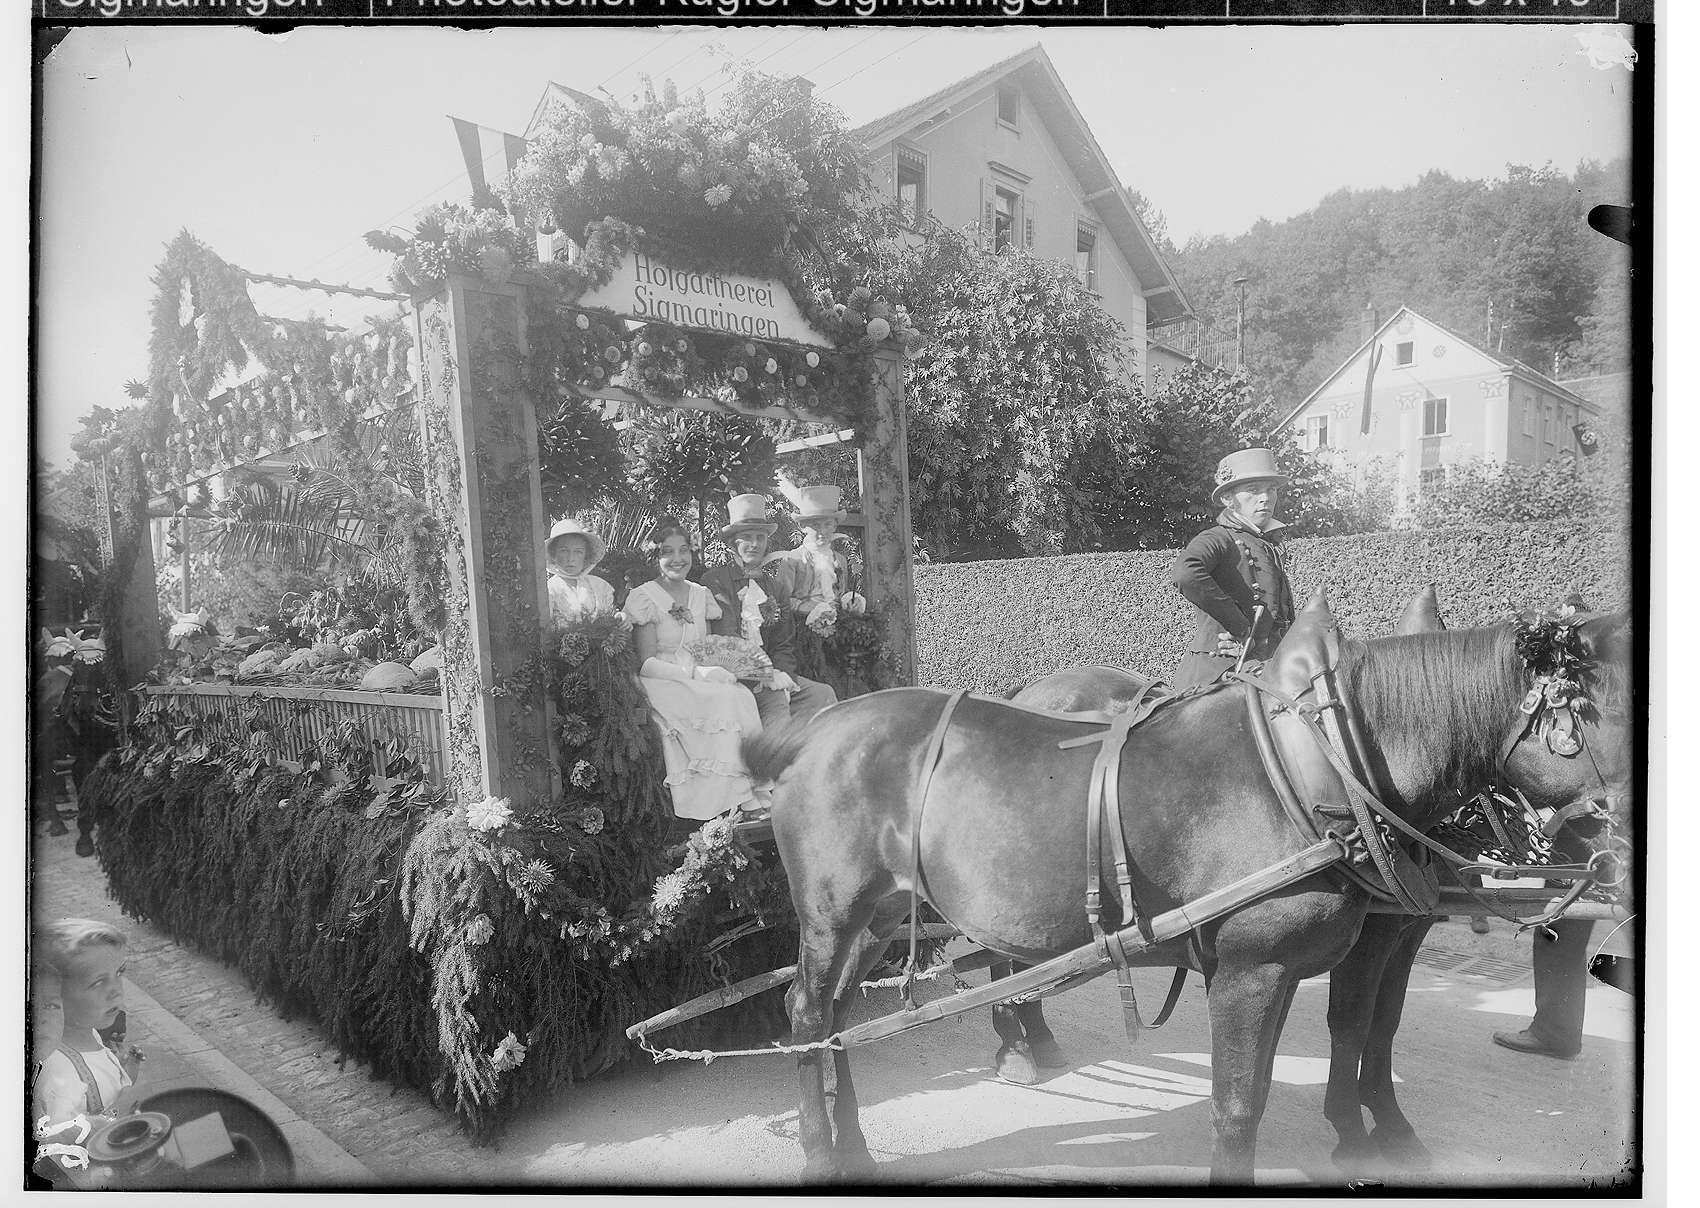 Erntedankfest in Sigmaringen 1933; Wagen der Hofgärtnerei Sigmaringen in der Leopoldstraße, Bild 1